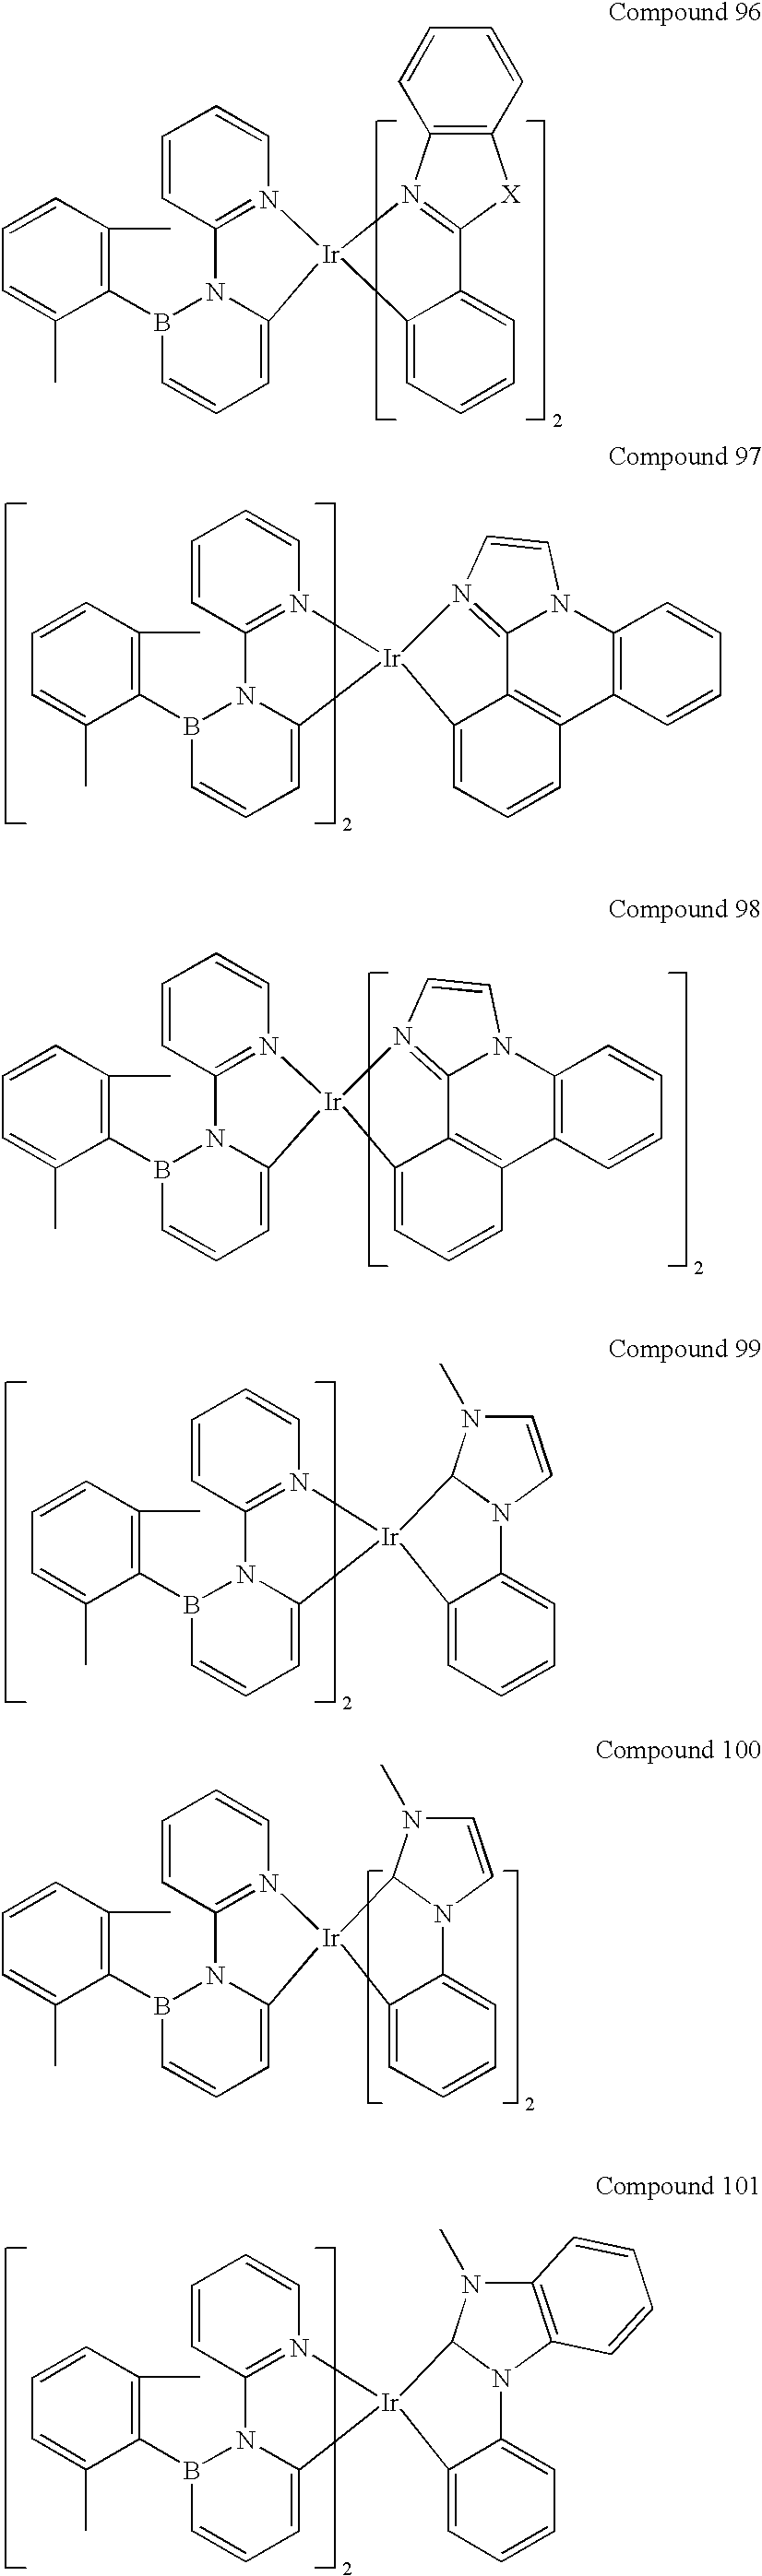 Figure US20100295032A1-20101125-C00145